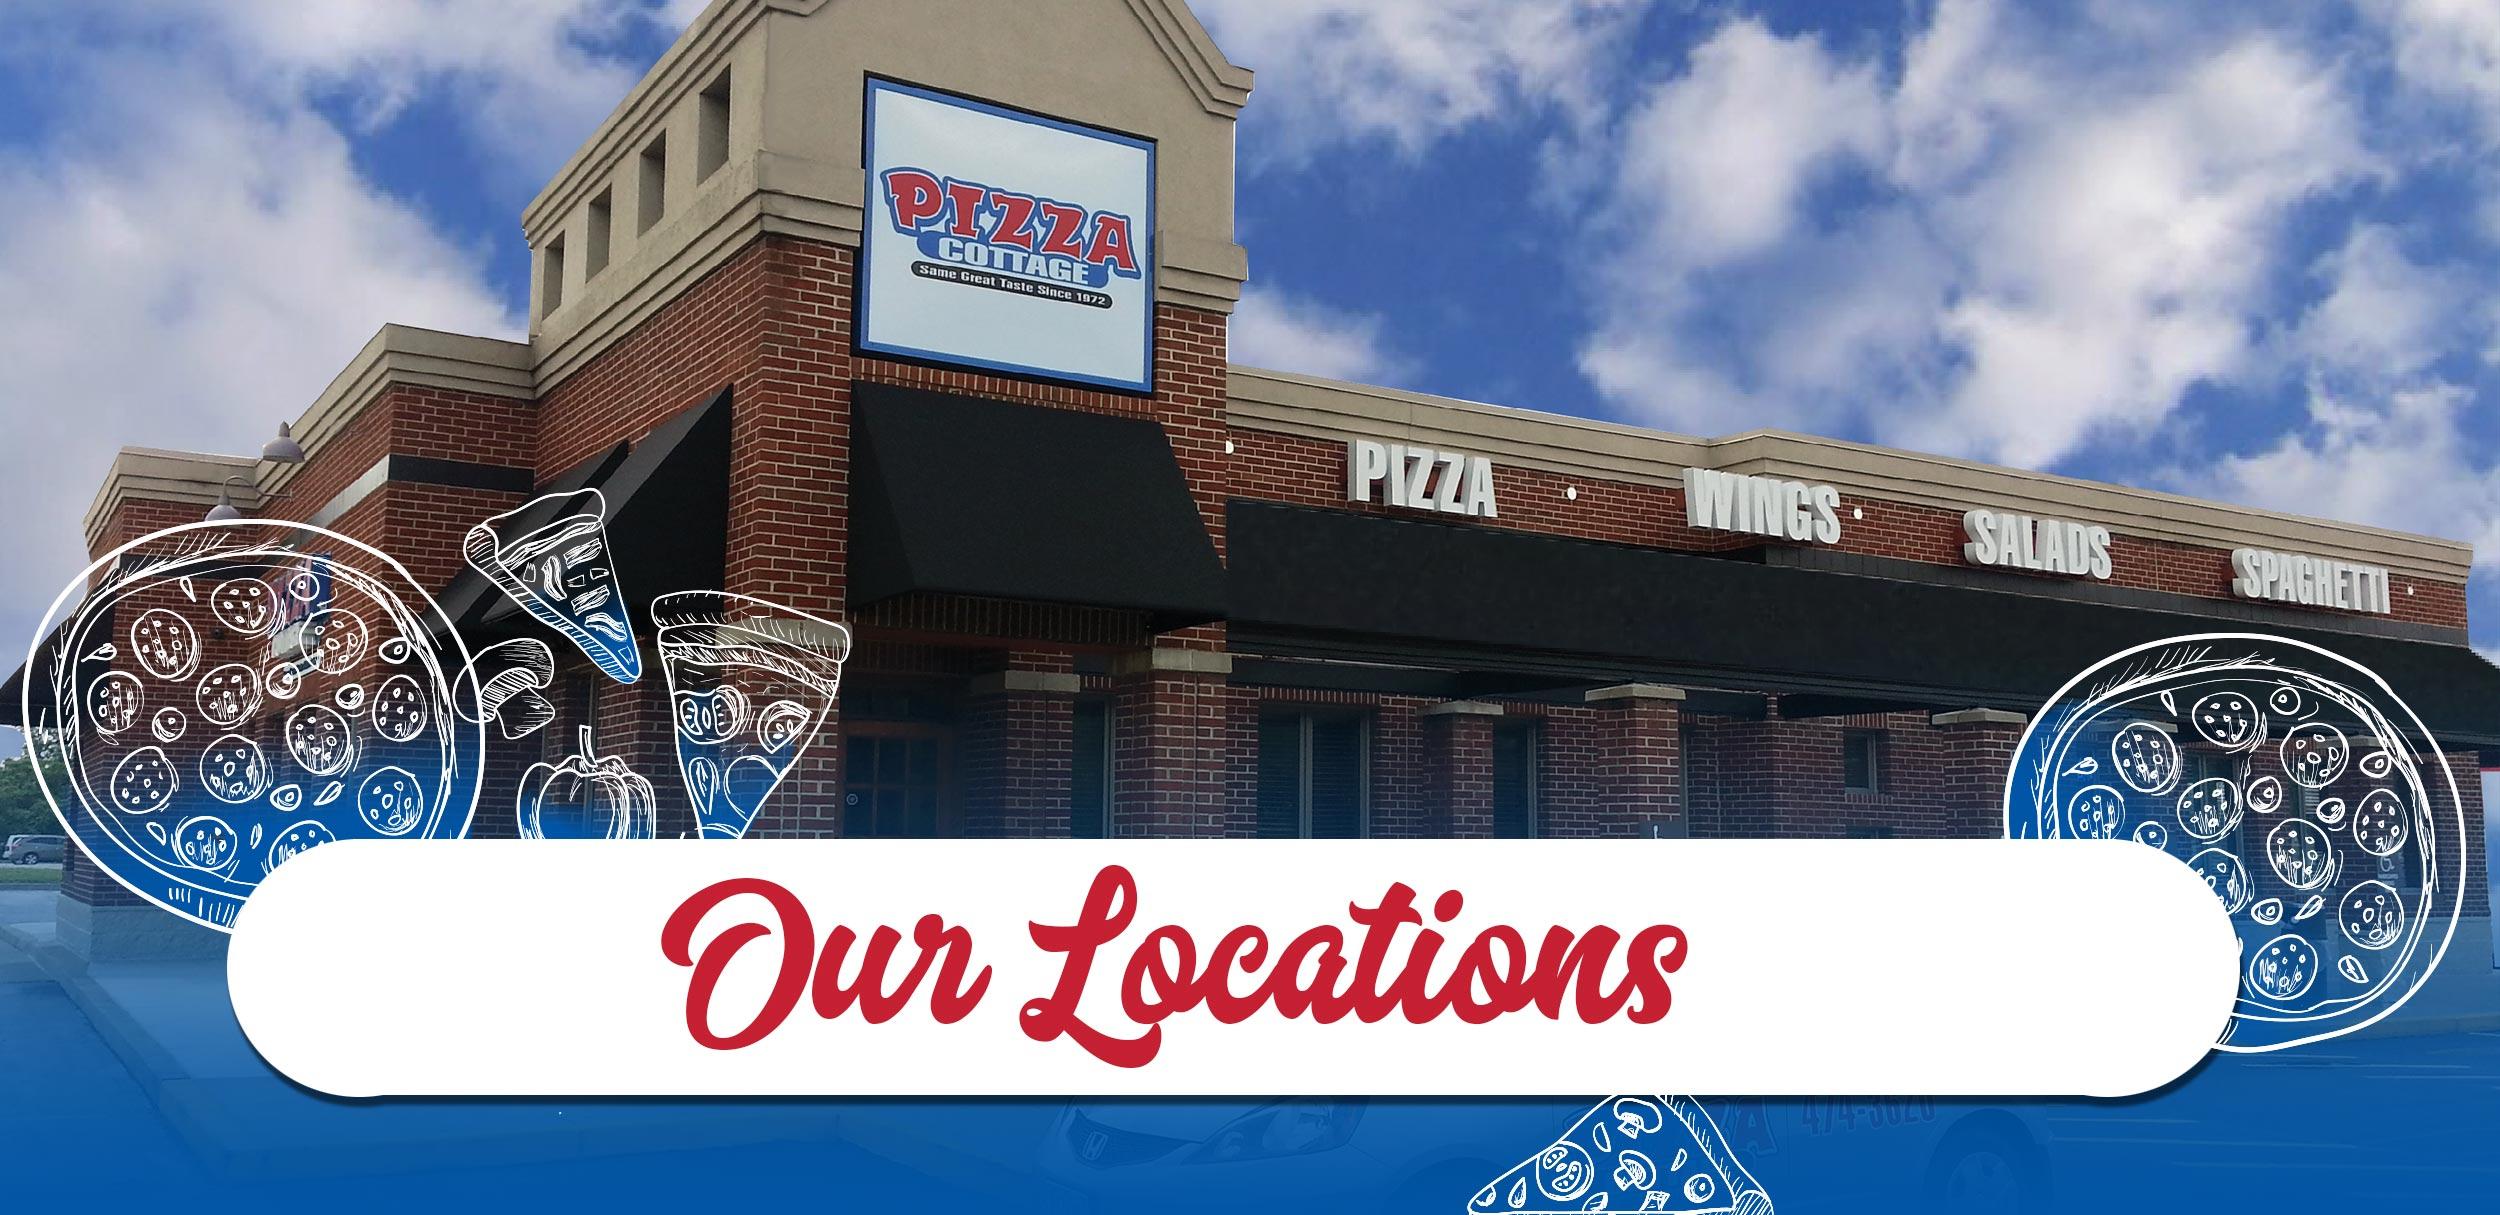 PizzaCottage_WebHeader3.jpg